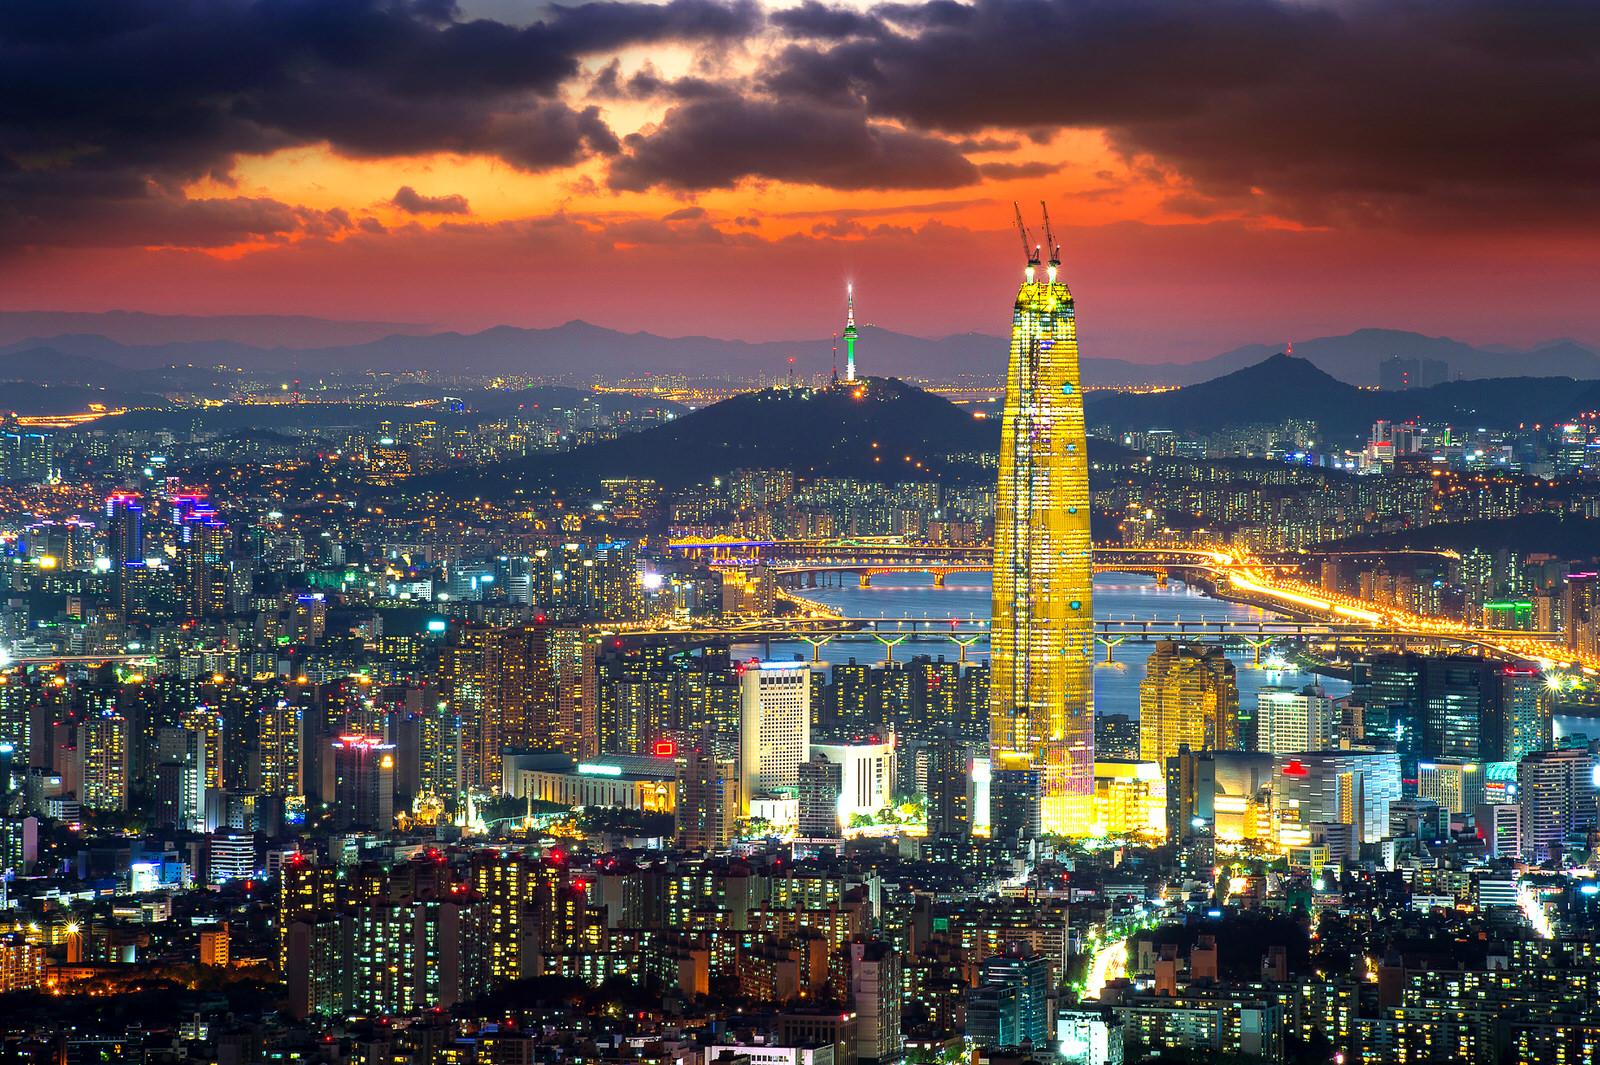 FSN SEOUL - Part of the FSN LIVE network